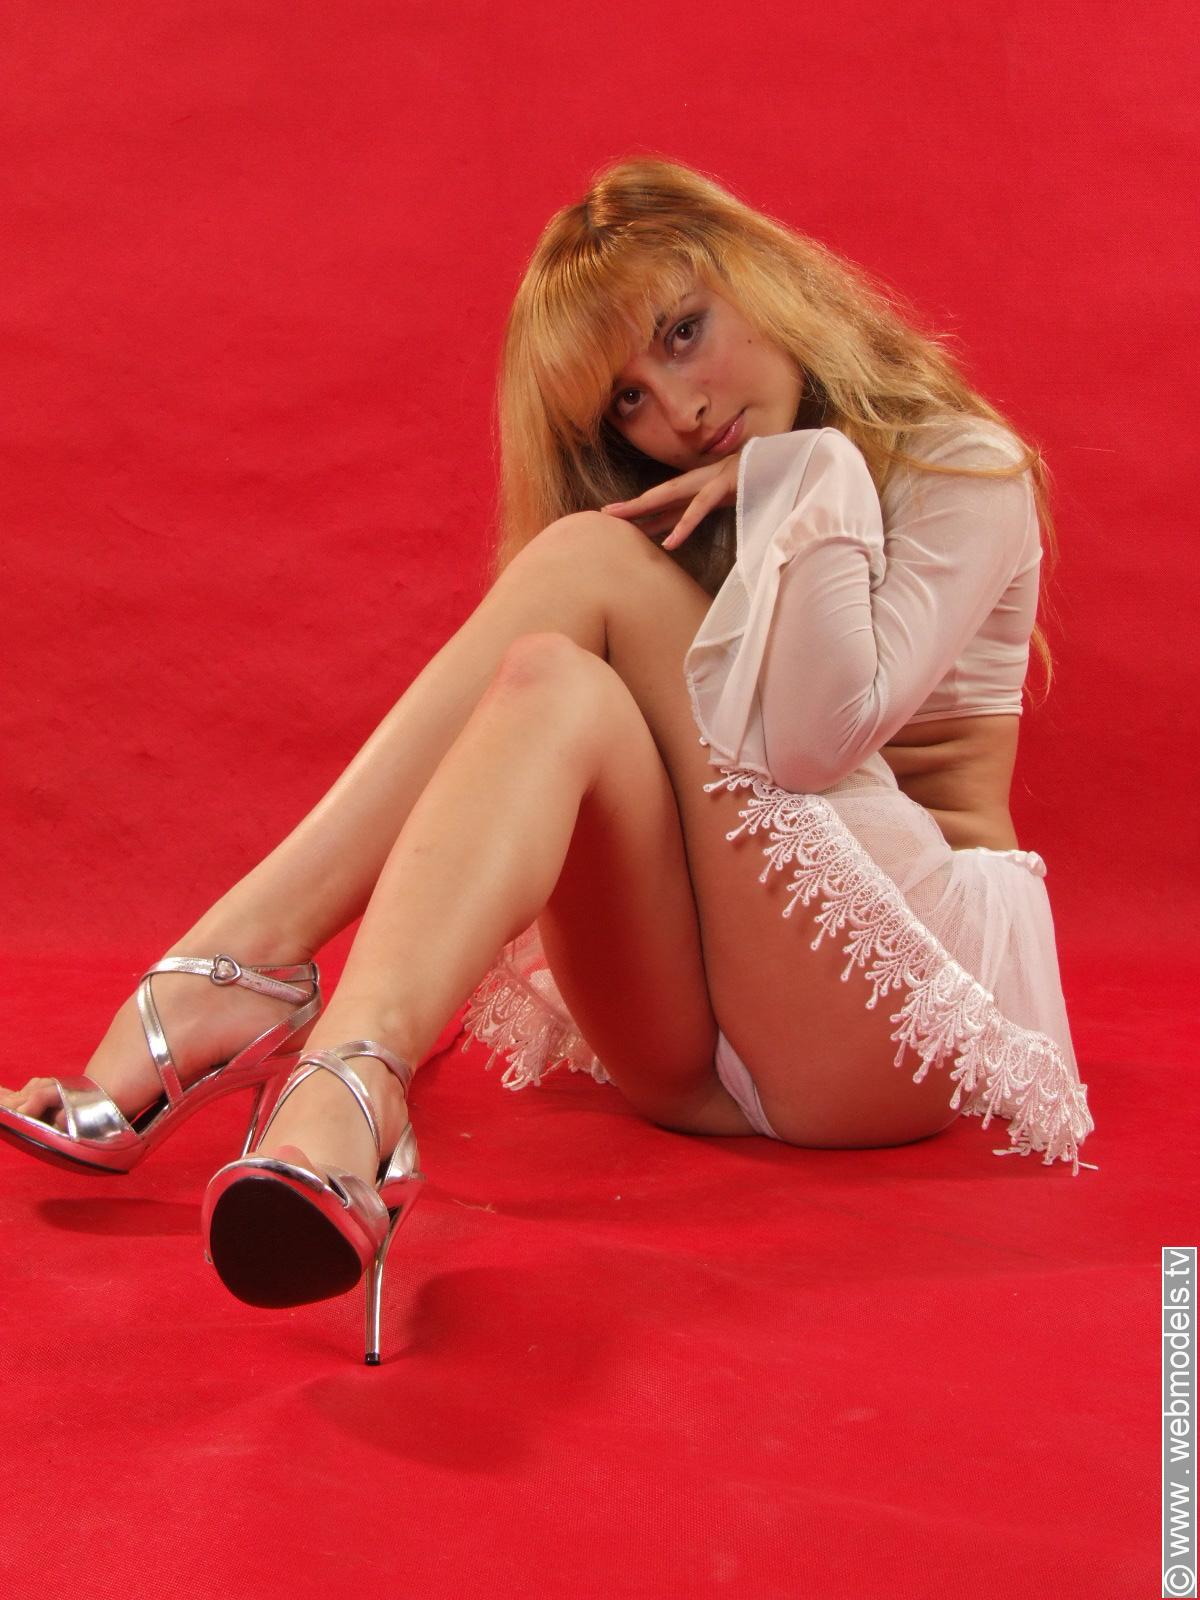 Vladmodels Zhenya Custom Sets - Hot Girls Wallpaper: http://hotgirlhdwallpaper.com/vladmodels/vladmodels-zhenya-custom-sets.html